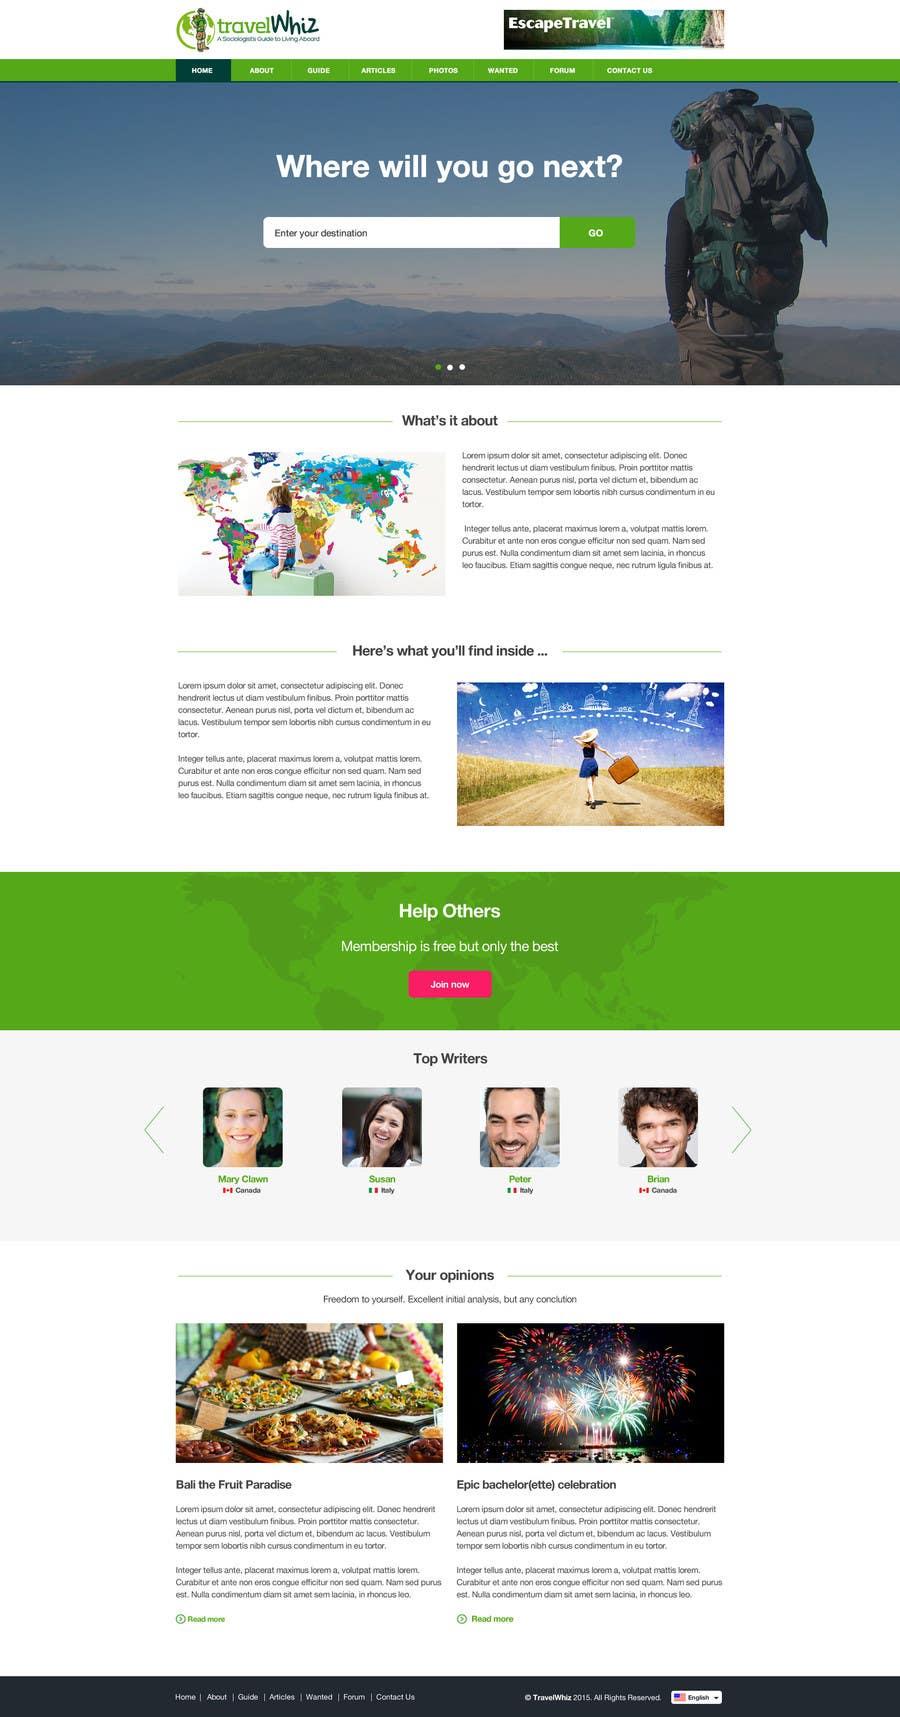 Konkurrenceindlæg #                                        25                                      for                                         Design a Website Mockup for TW